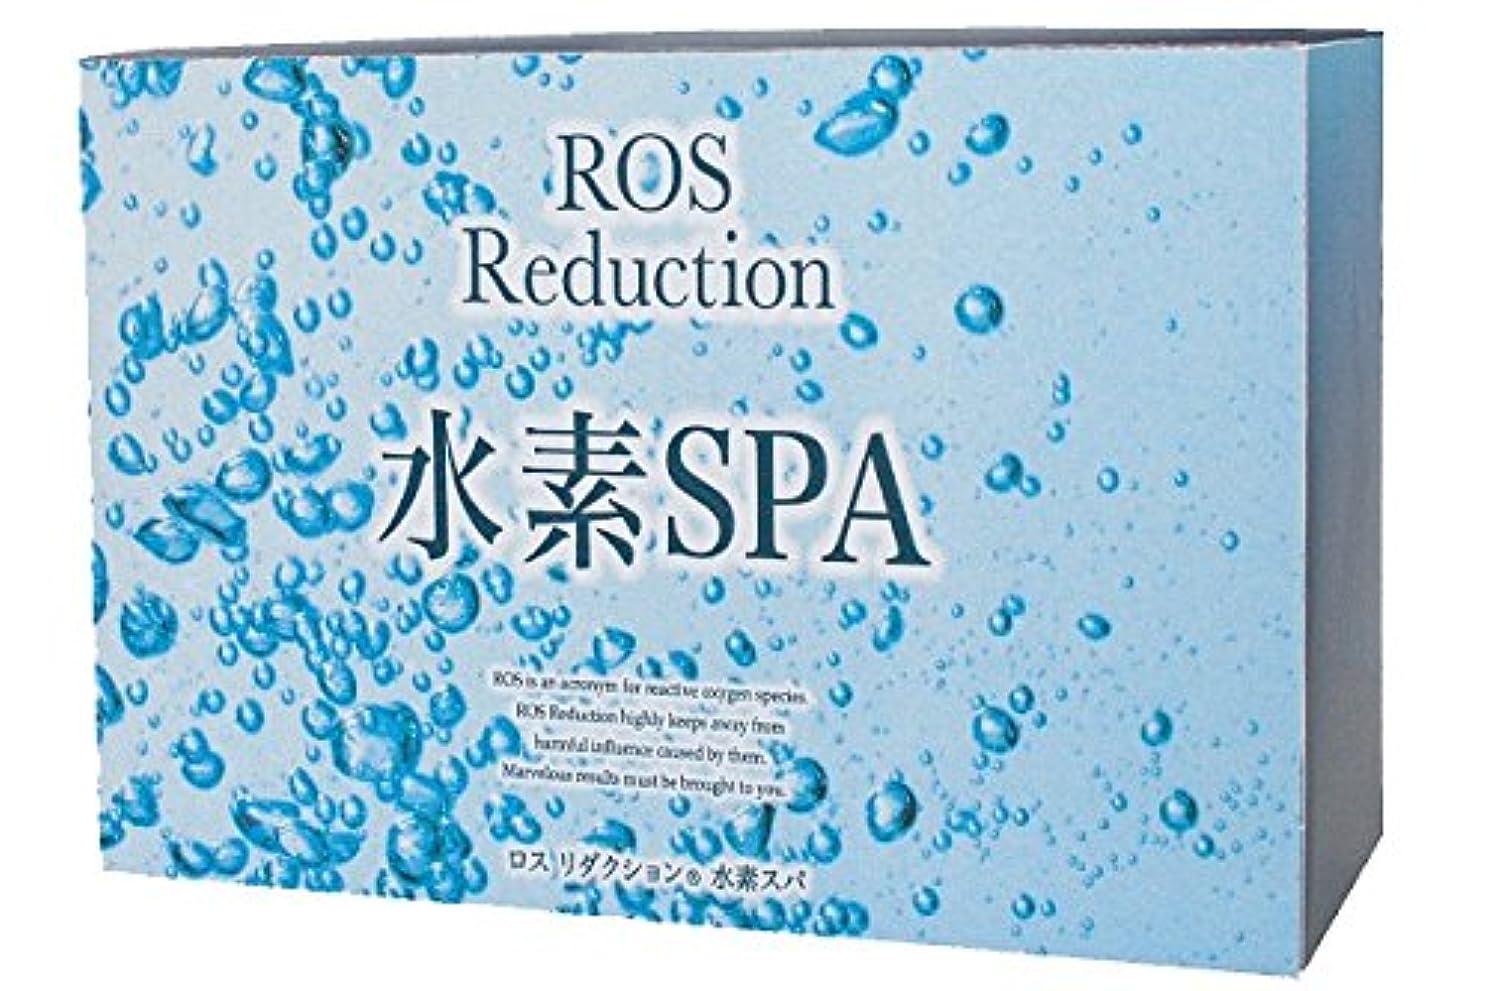 幅インフレーション信念お得な6箱セット トップクラスの高濃度水素入浴剤 ロスリダクション 水素SPA (50g×5包)